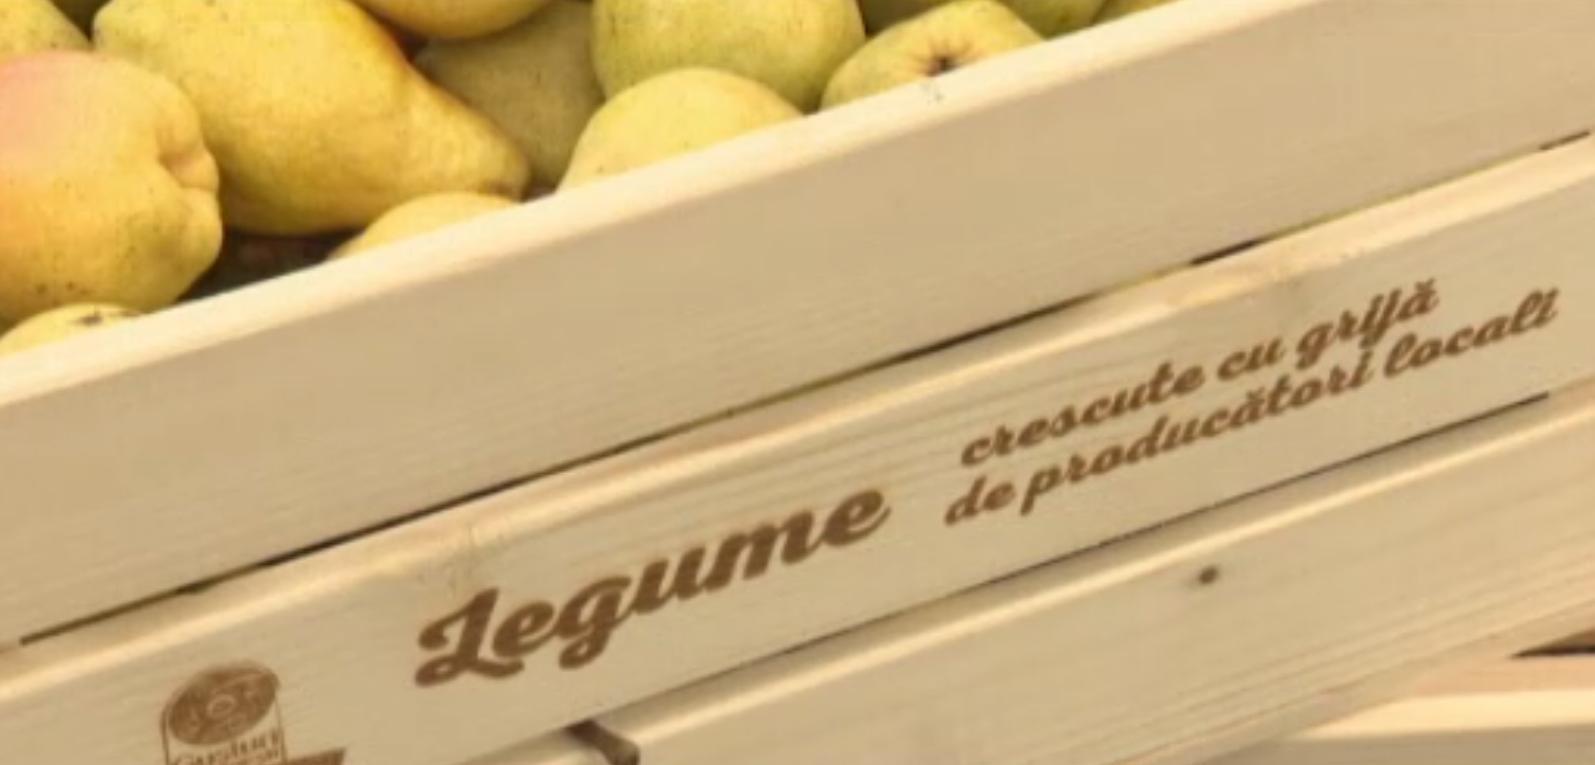 (P) Producătorii locali din programul Gusturi româneşti de la Gospodari Mega Image, productivi la capacitate maximă